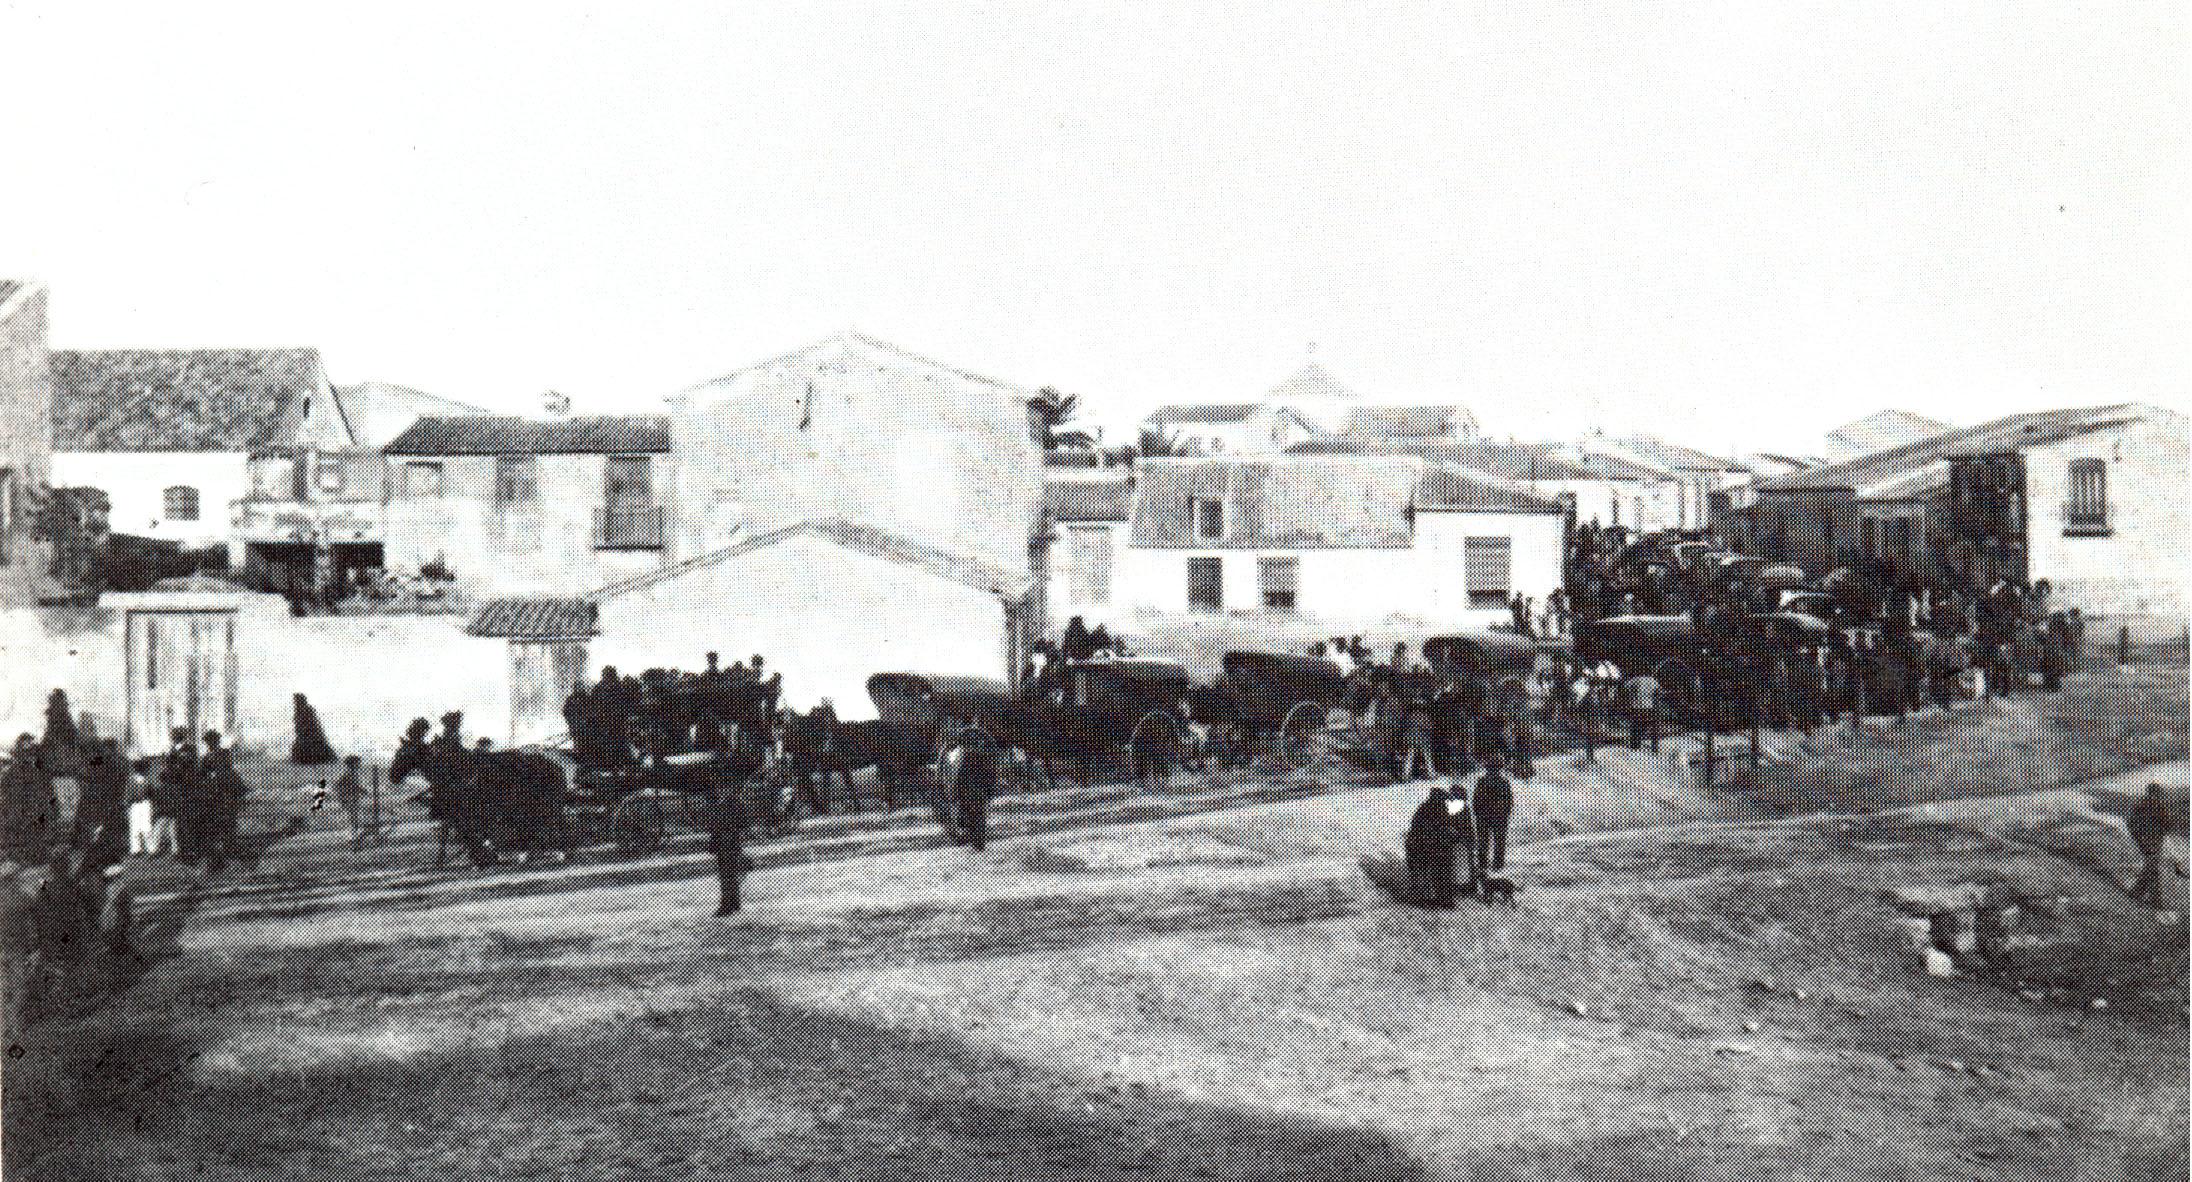 Torrevieja, 3 de octubre de 1889. Cortejo fúnebre con los restos de Ramón Ruiz Lozano y Ramón Ruiz Capdepón camino del panteón construido en el nuevo cementerio municipal. / FOTO: Darblade